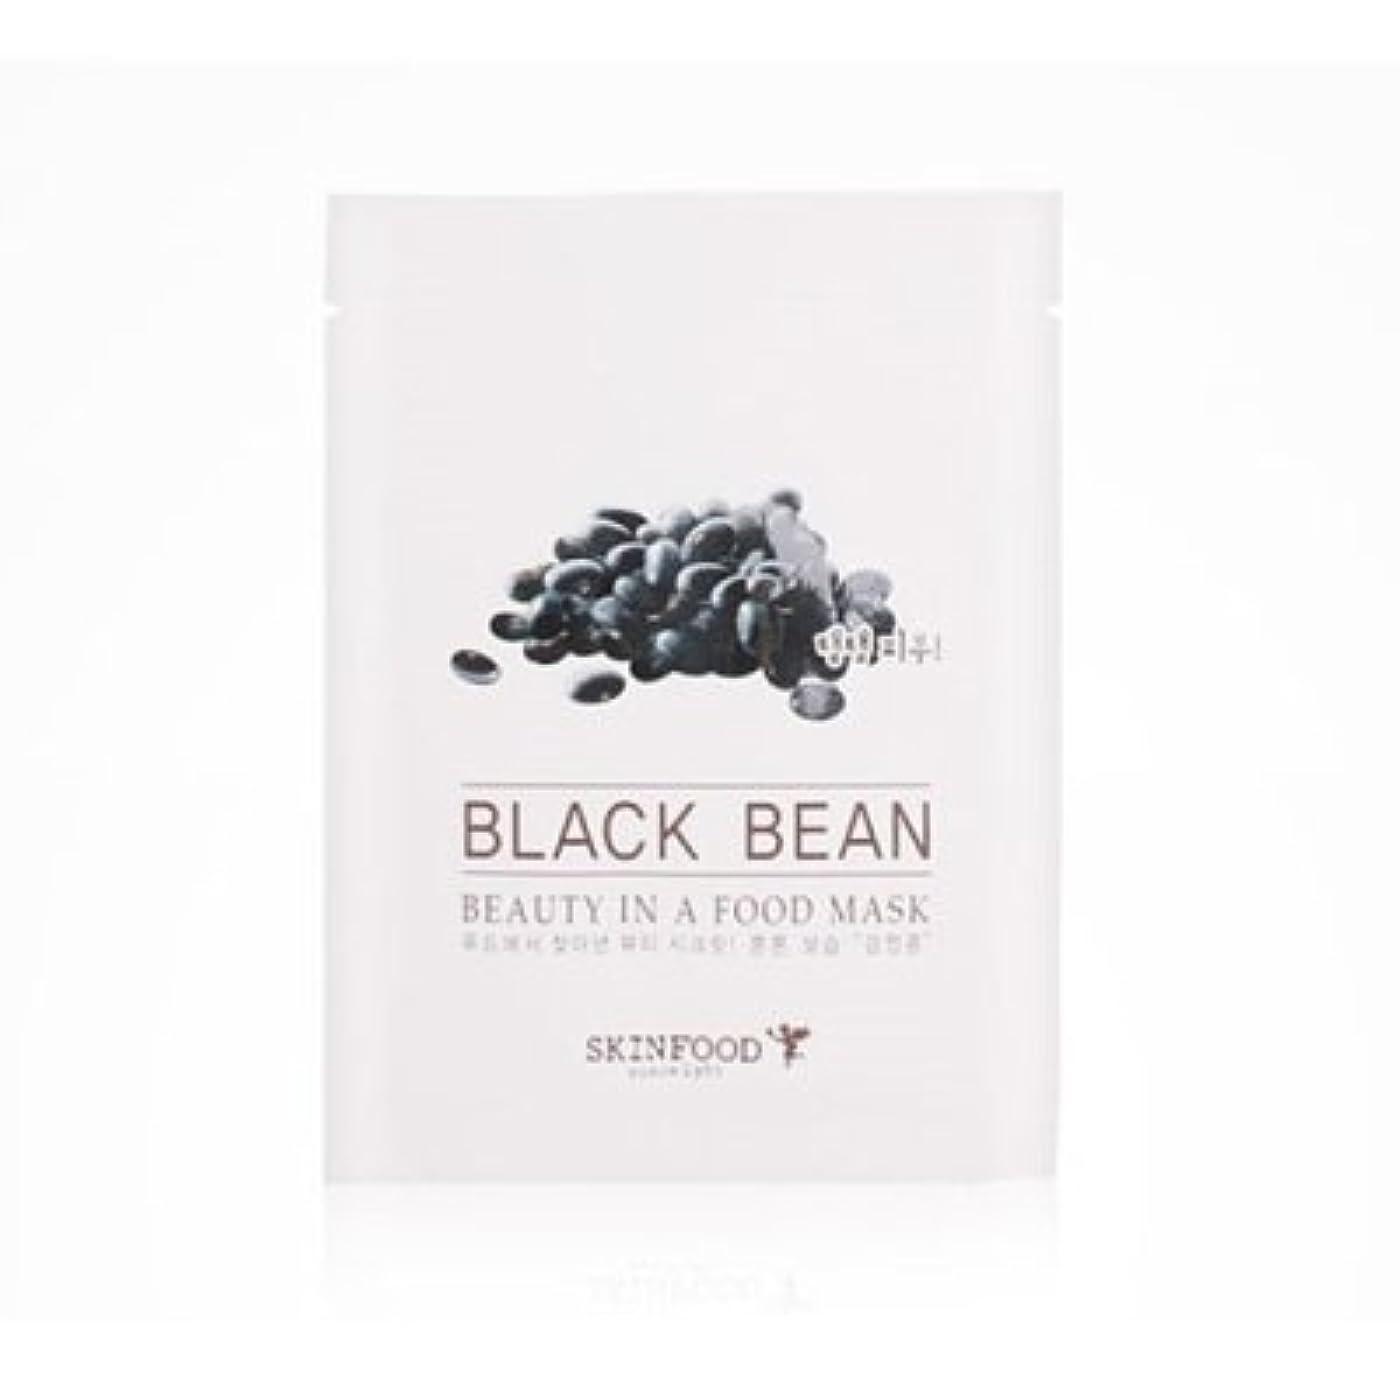 オール味方取るに足らないSKINFOOD Beauty in a Food Mask Sheet 5EA (BLACK BEAN) / スキンフード ビューティー イン ア フード マスクシート [並行輸入品]